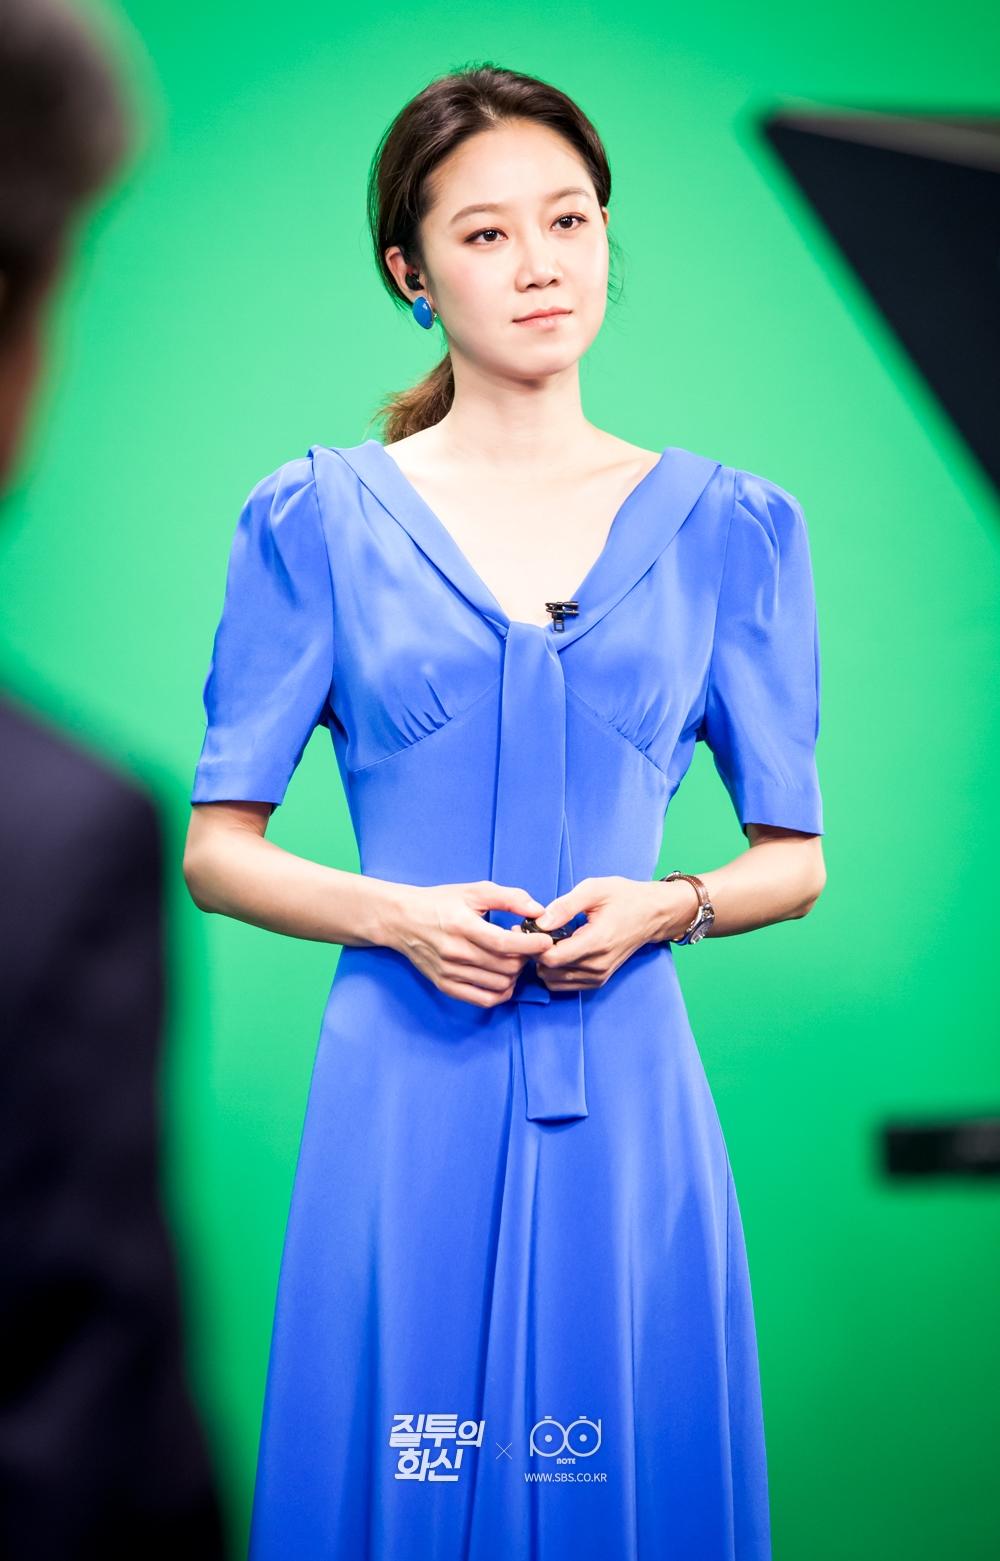 크로마키 배경 앞에서 정원(고경표)이 만들어 준 드레스를 입고 일기예보를 진행하는 나리(공효진) 2